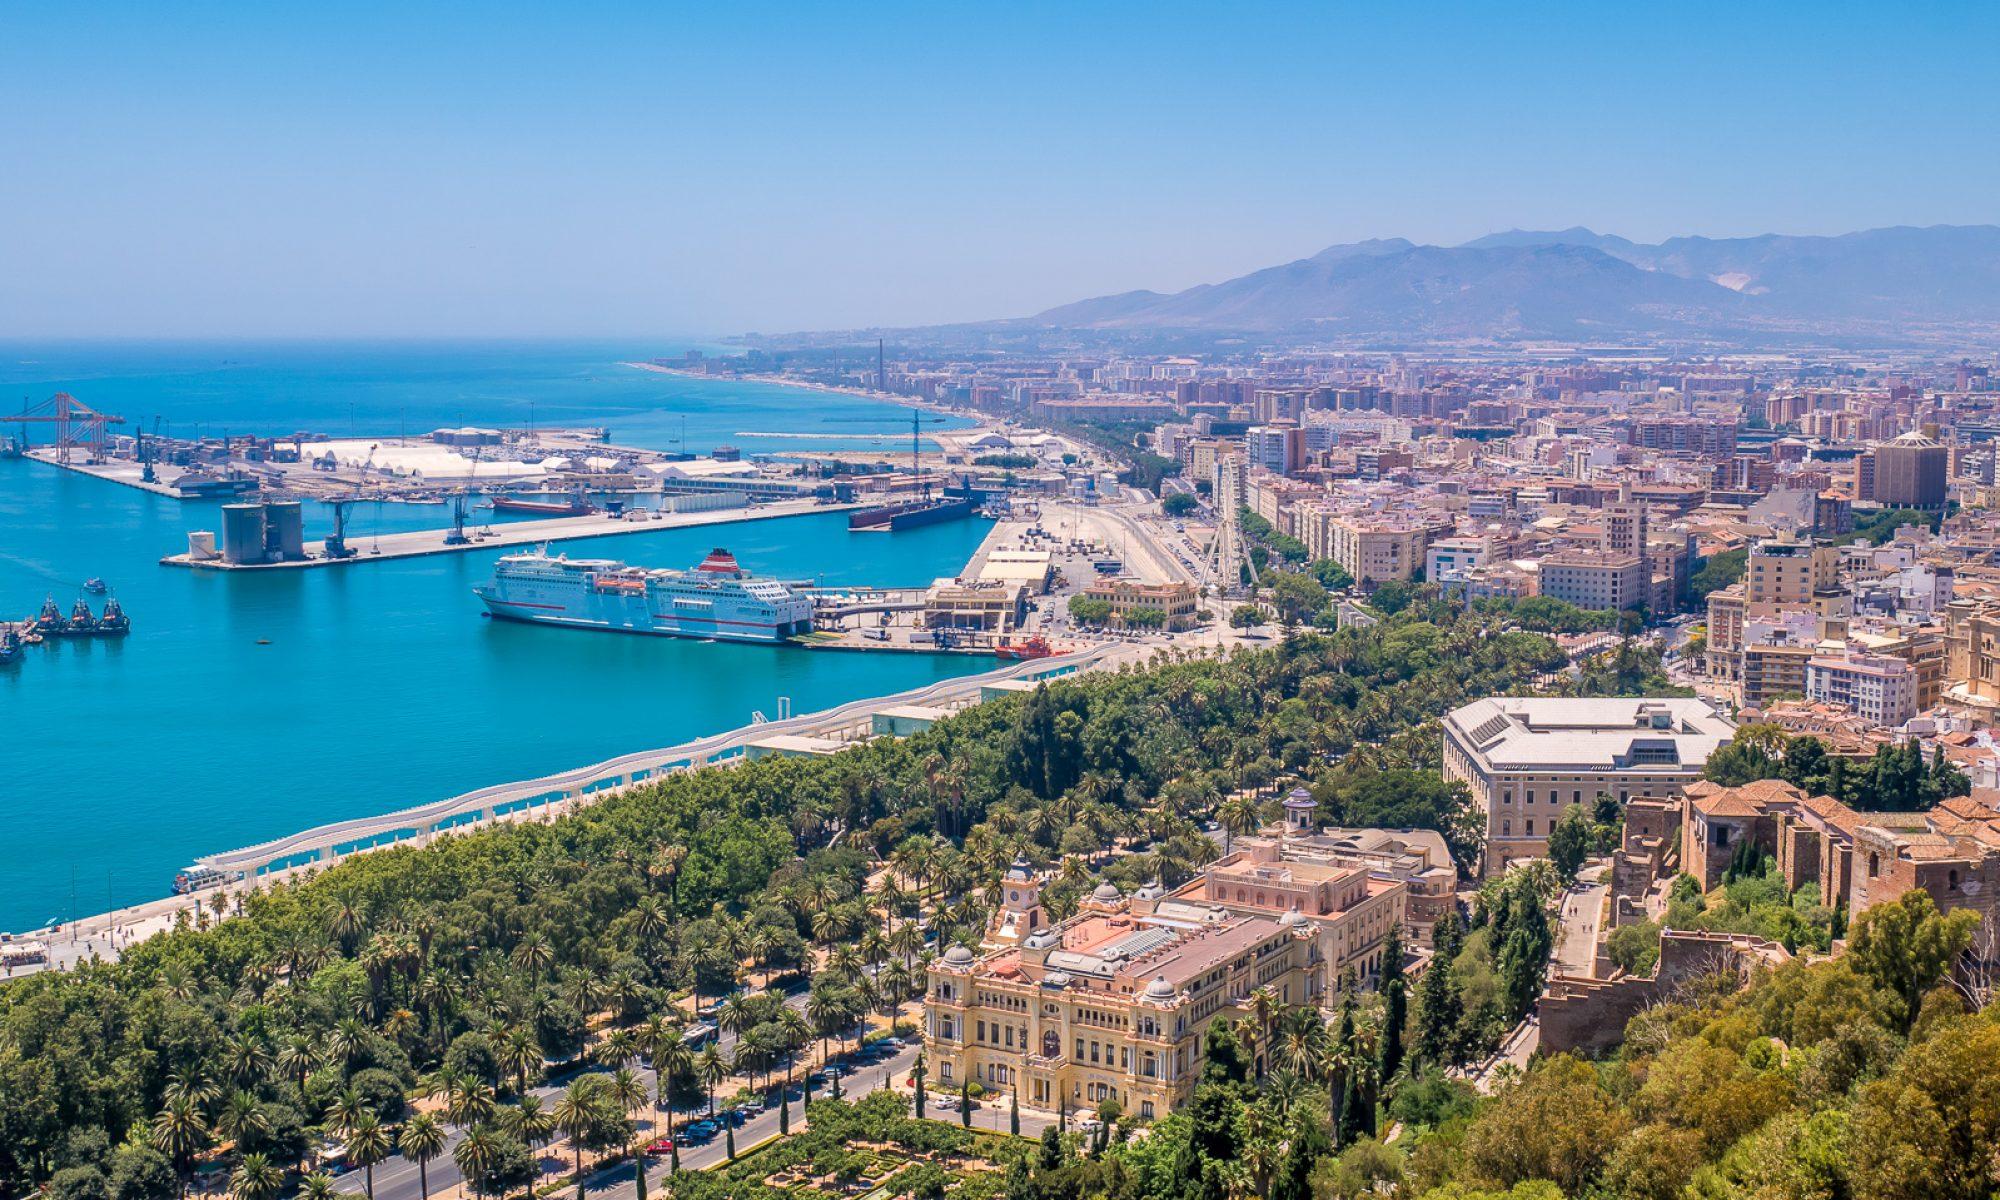 Astute Aviation | Winter Sun | Private Jet Charter | Malaga | Costa Del Sol | Private Jet Hire | Luxury Travel | Jet Sharper